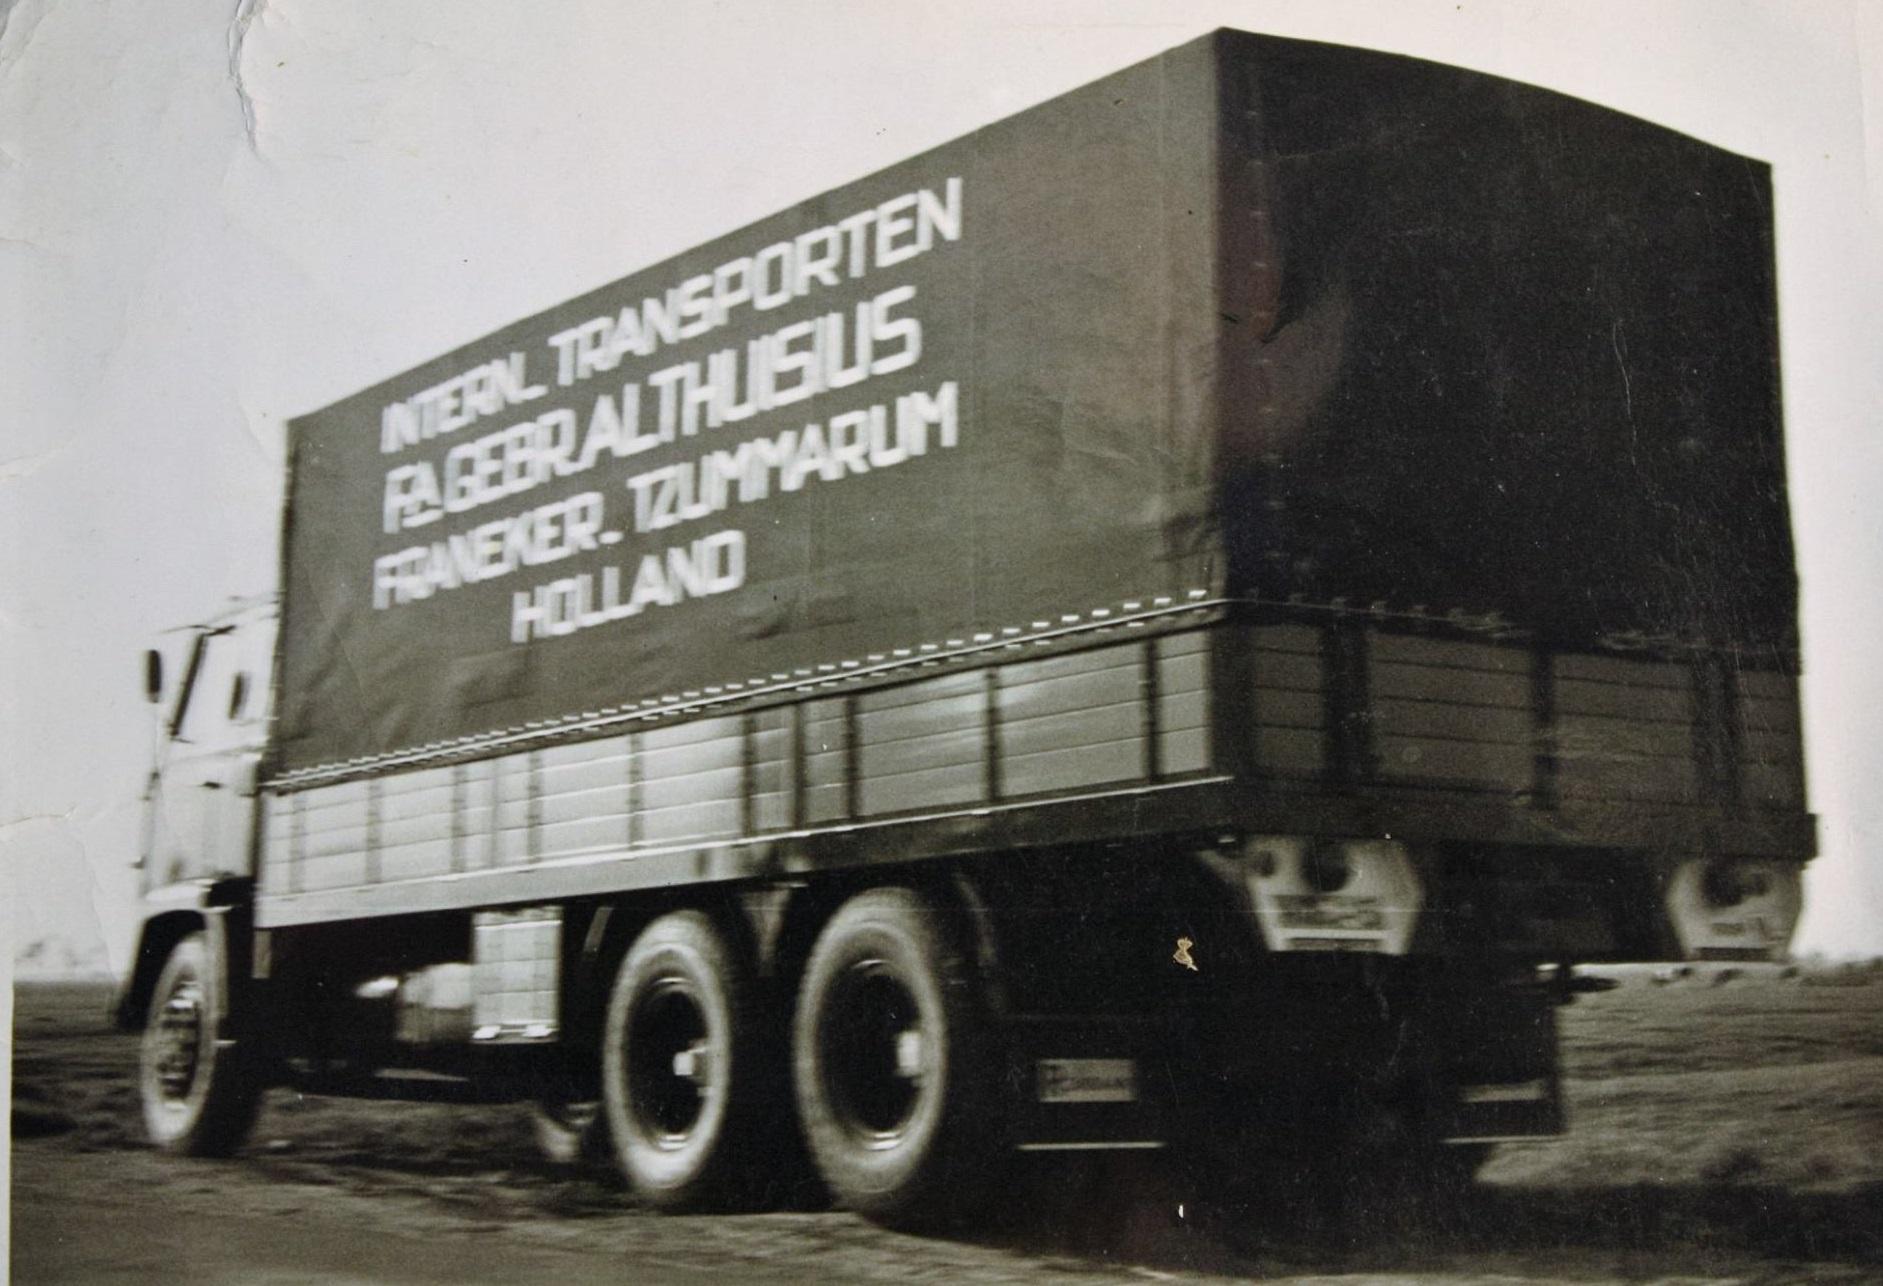 Scania-Vabis-in-aanbouw-bij-Rondaan-in-Beetgum-voor-Int.-Transportbedrijf-Althuisius-uit-Tzummarum-3